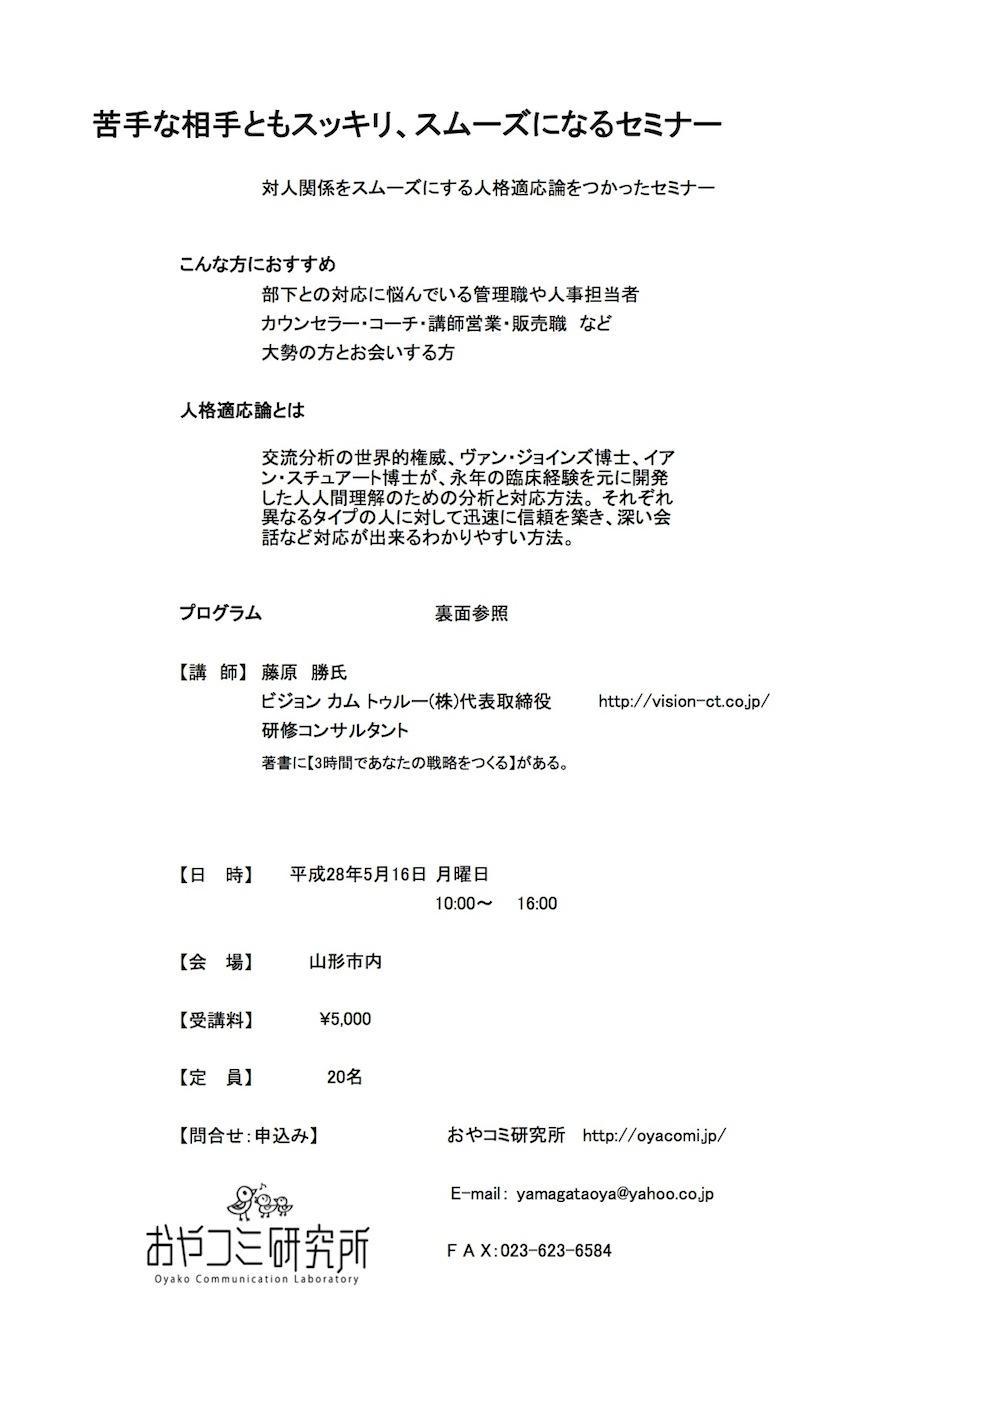 苦手な相手ともスッキリ・スムーズになるセミナー(5/16)